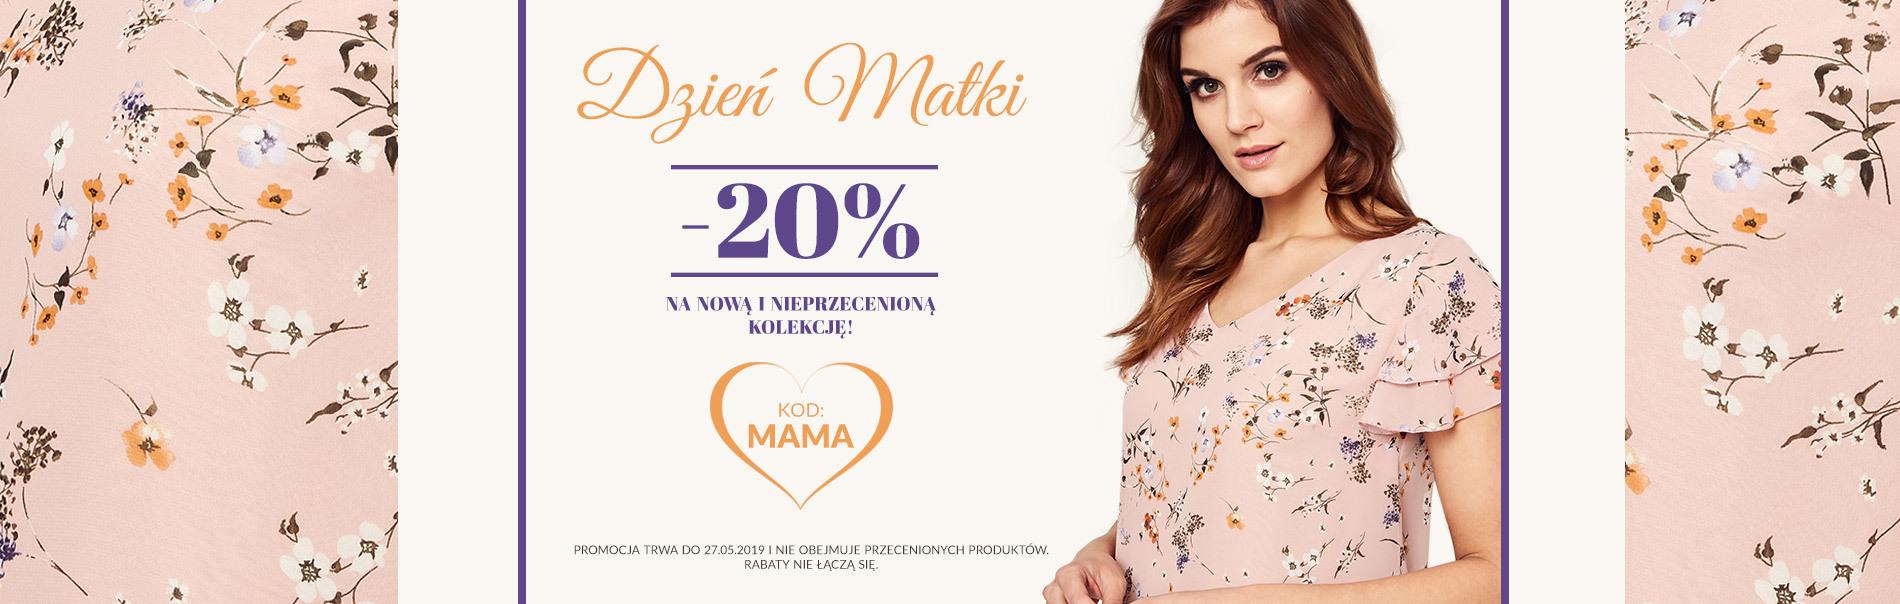 044a1a6185 Odzież damska online - sklep internetowy odzieżowy - ubrania damskie ...